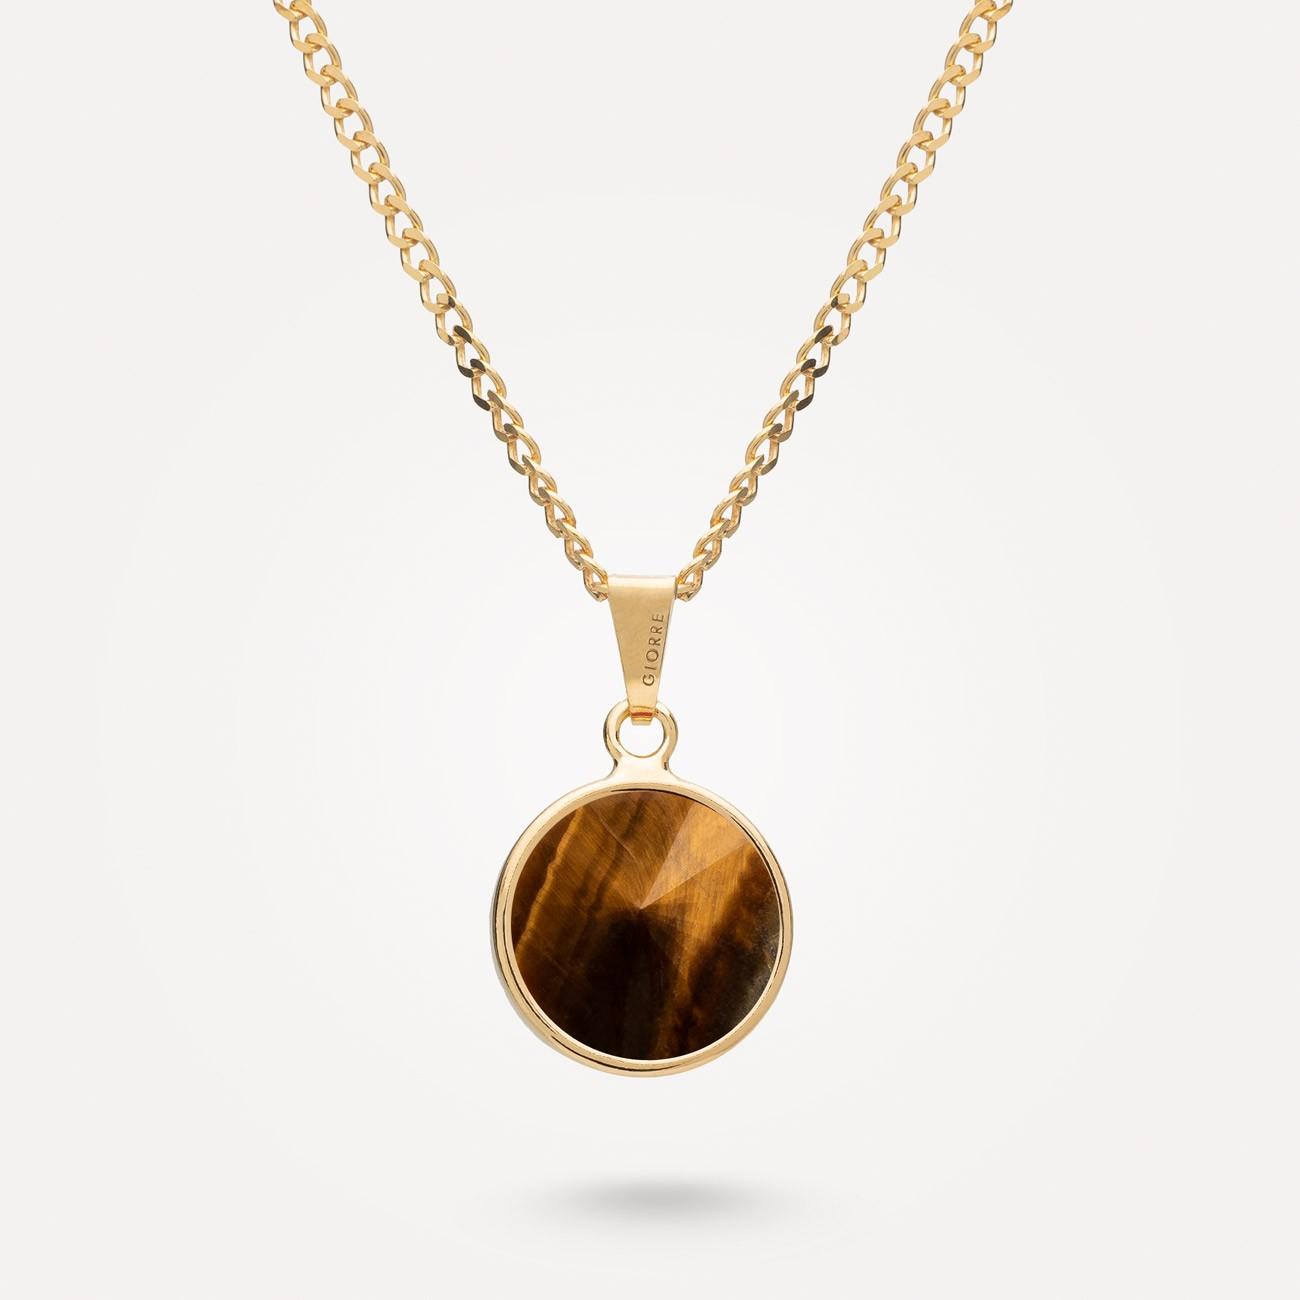 Srebrny naszyjnik z ciemnym naturalnym kamieniem, srebro 925